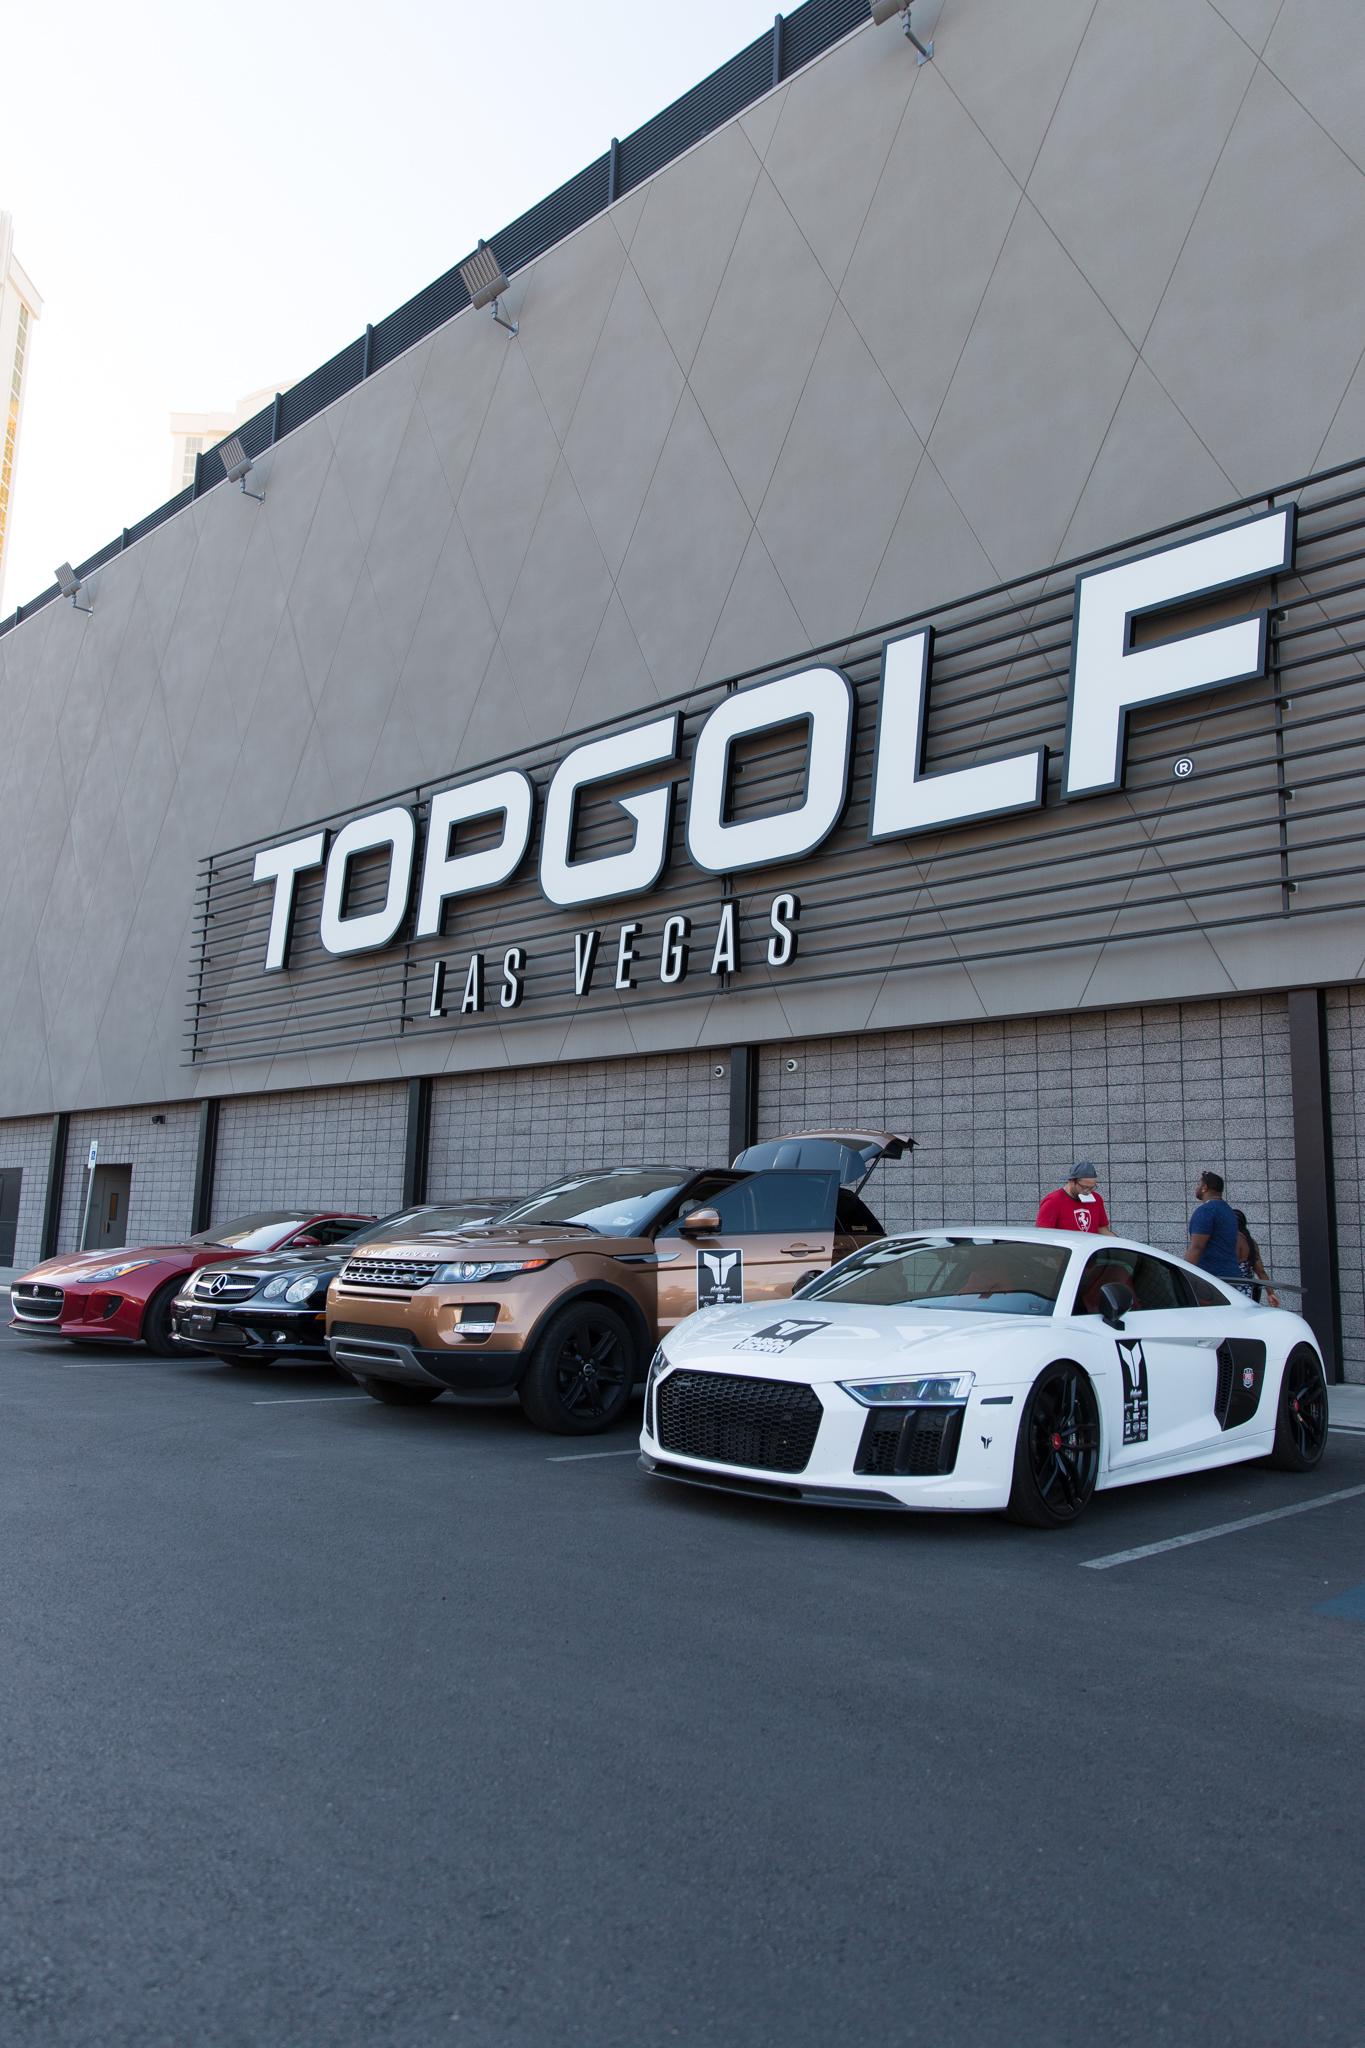 Stay_Driven_Targa_Trophy_LA_LV_CE-109.jpg